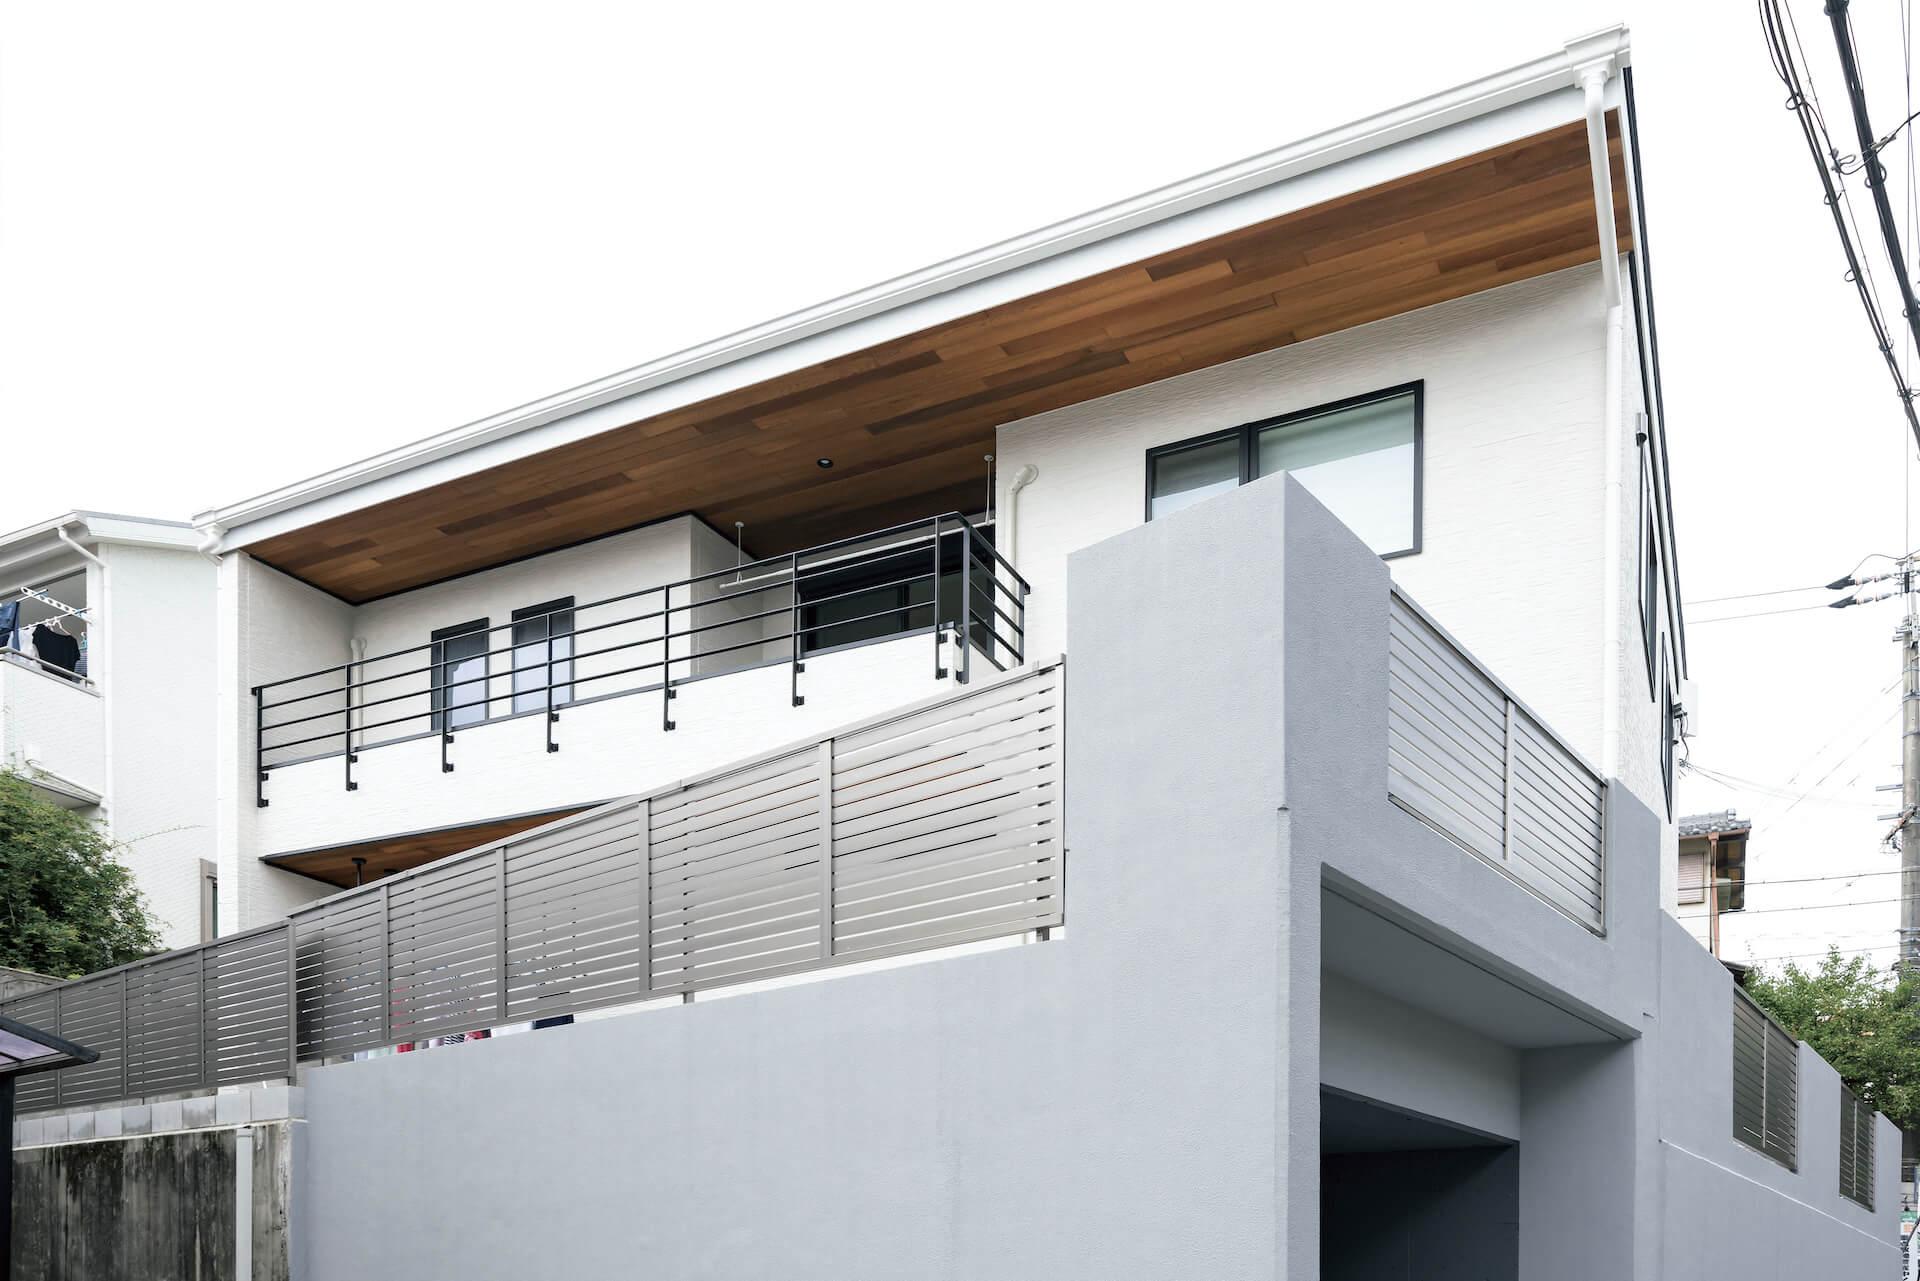 上野工務店,新築,外観,吹き抜け,茨木市,自社施工